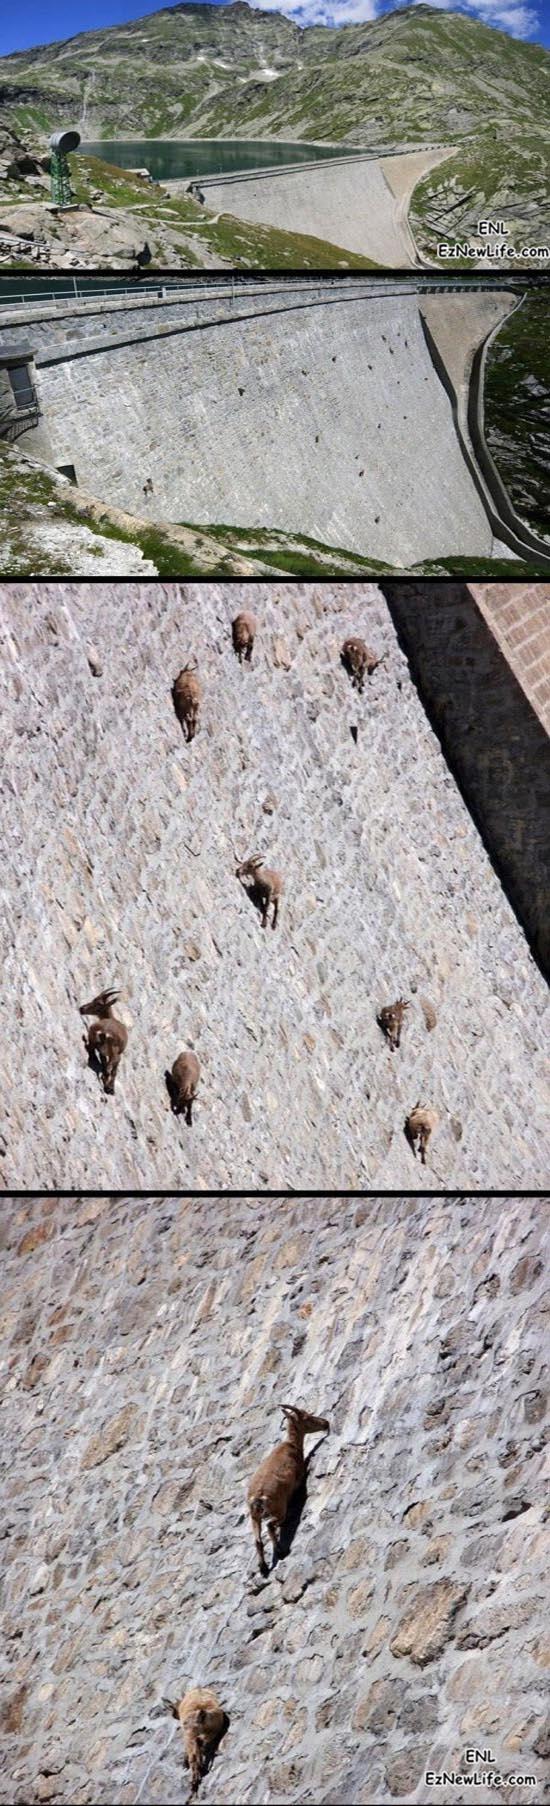 山羊吃草的技術,令人嘆為觀止。-0